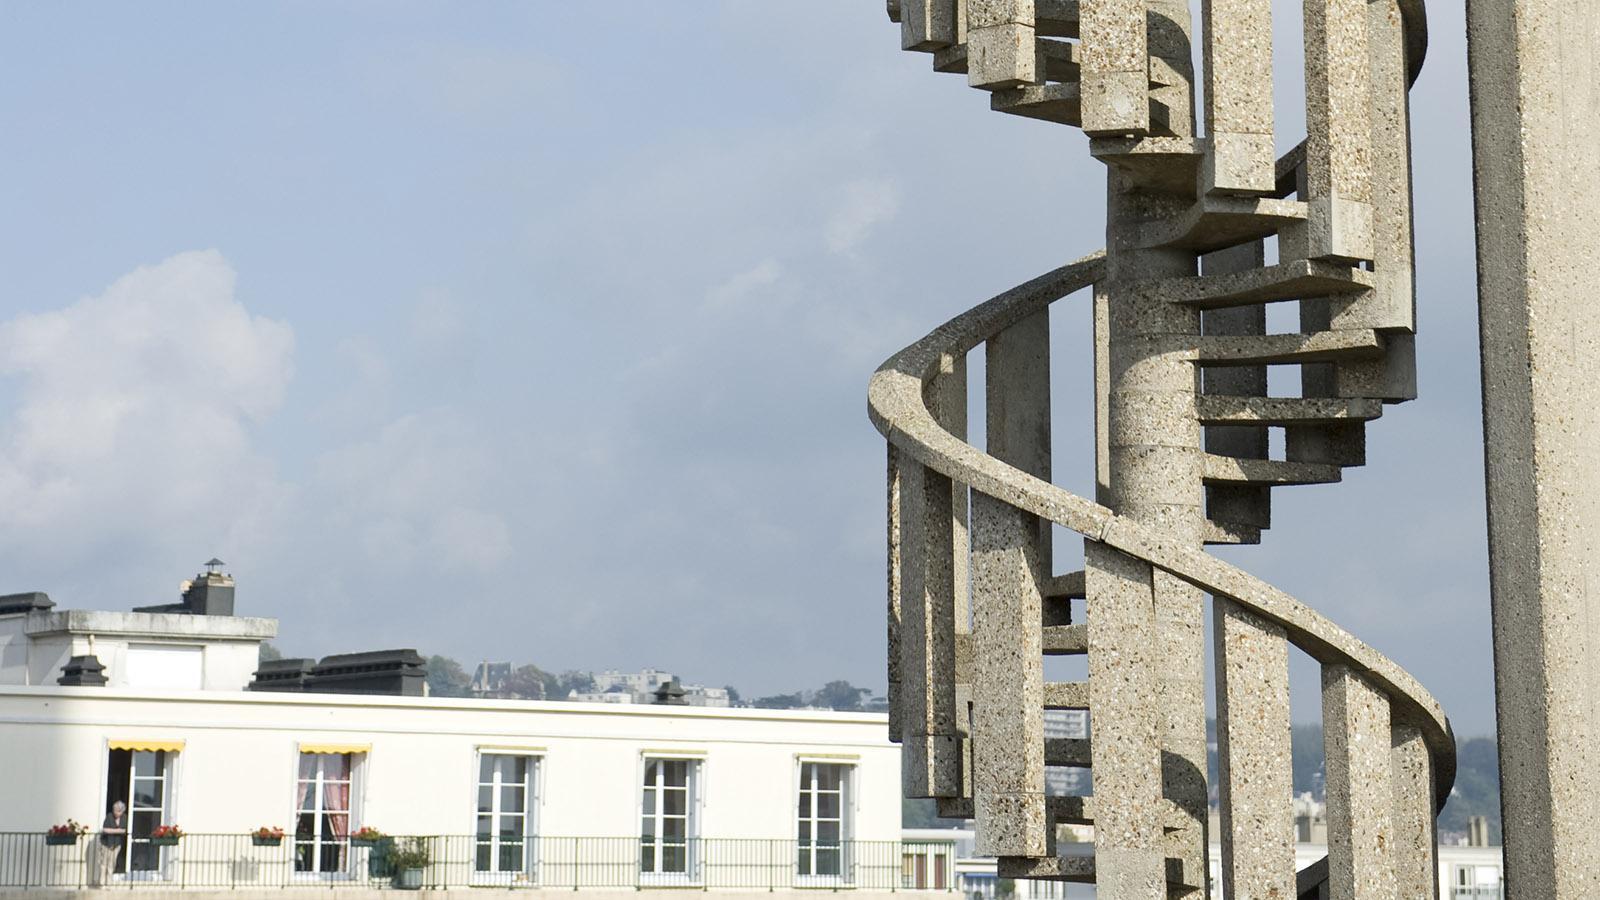 Hoch über den Häusern von Le Havre: Weitblick von der Turmspitze der Église Saint-Joseph. Foto: Hilke Maunder